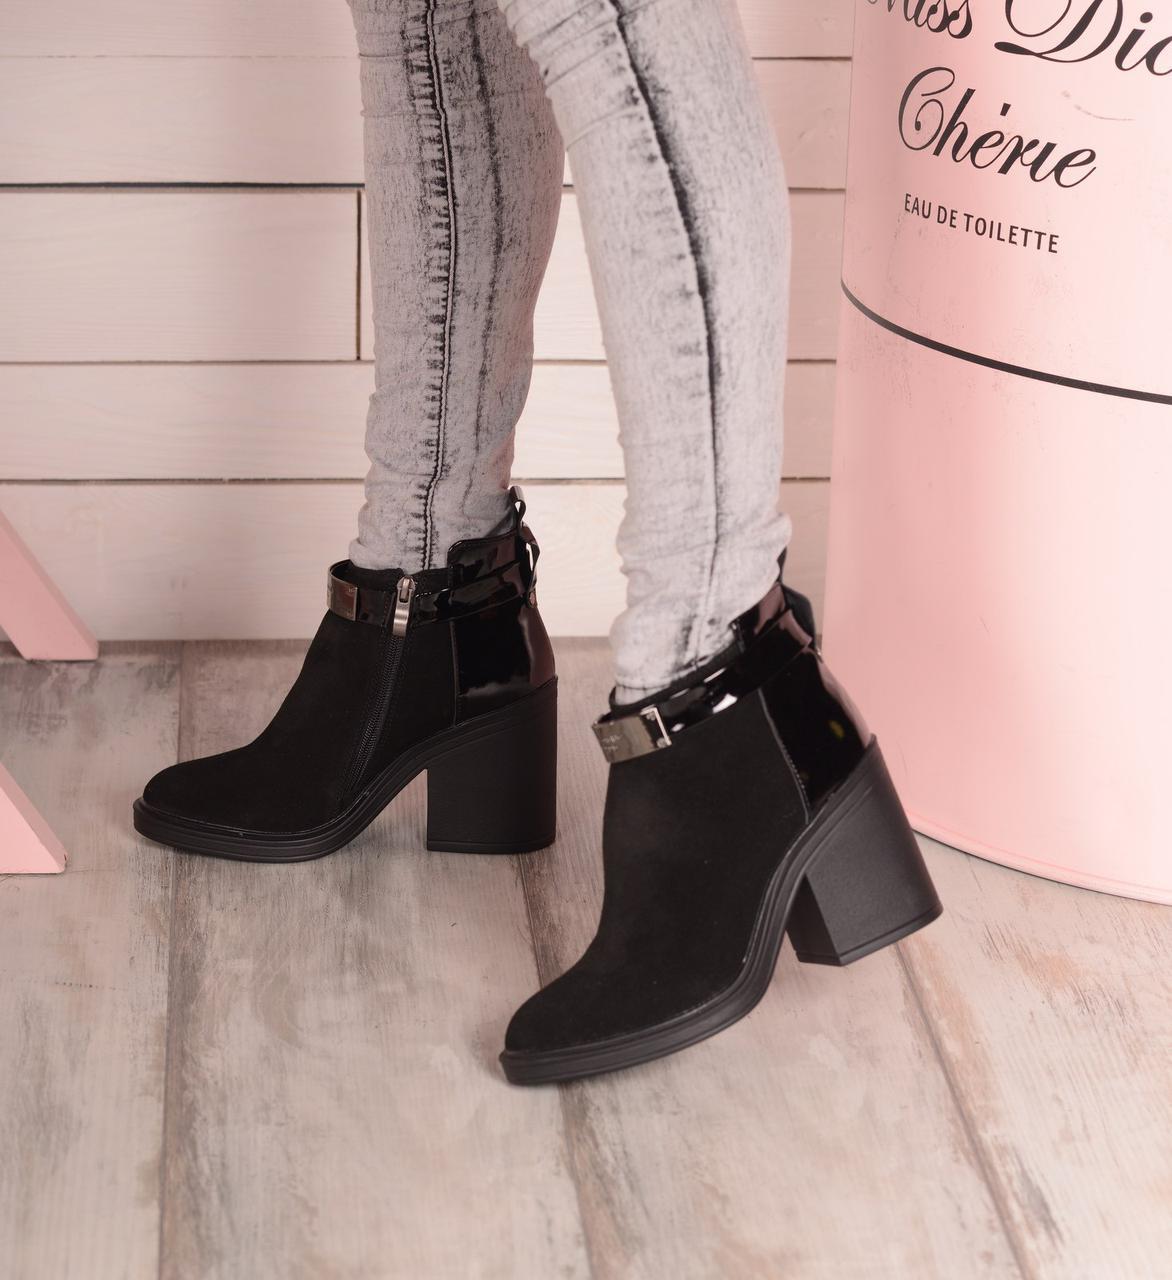 Женские кожаные ботинки на небольшом широком каблуке 5,5 см ... 157b9d07e4f